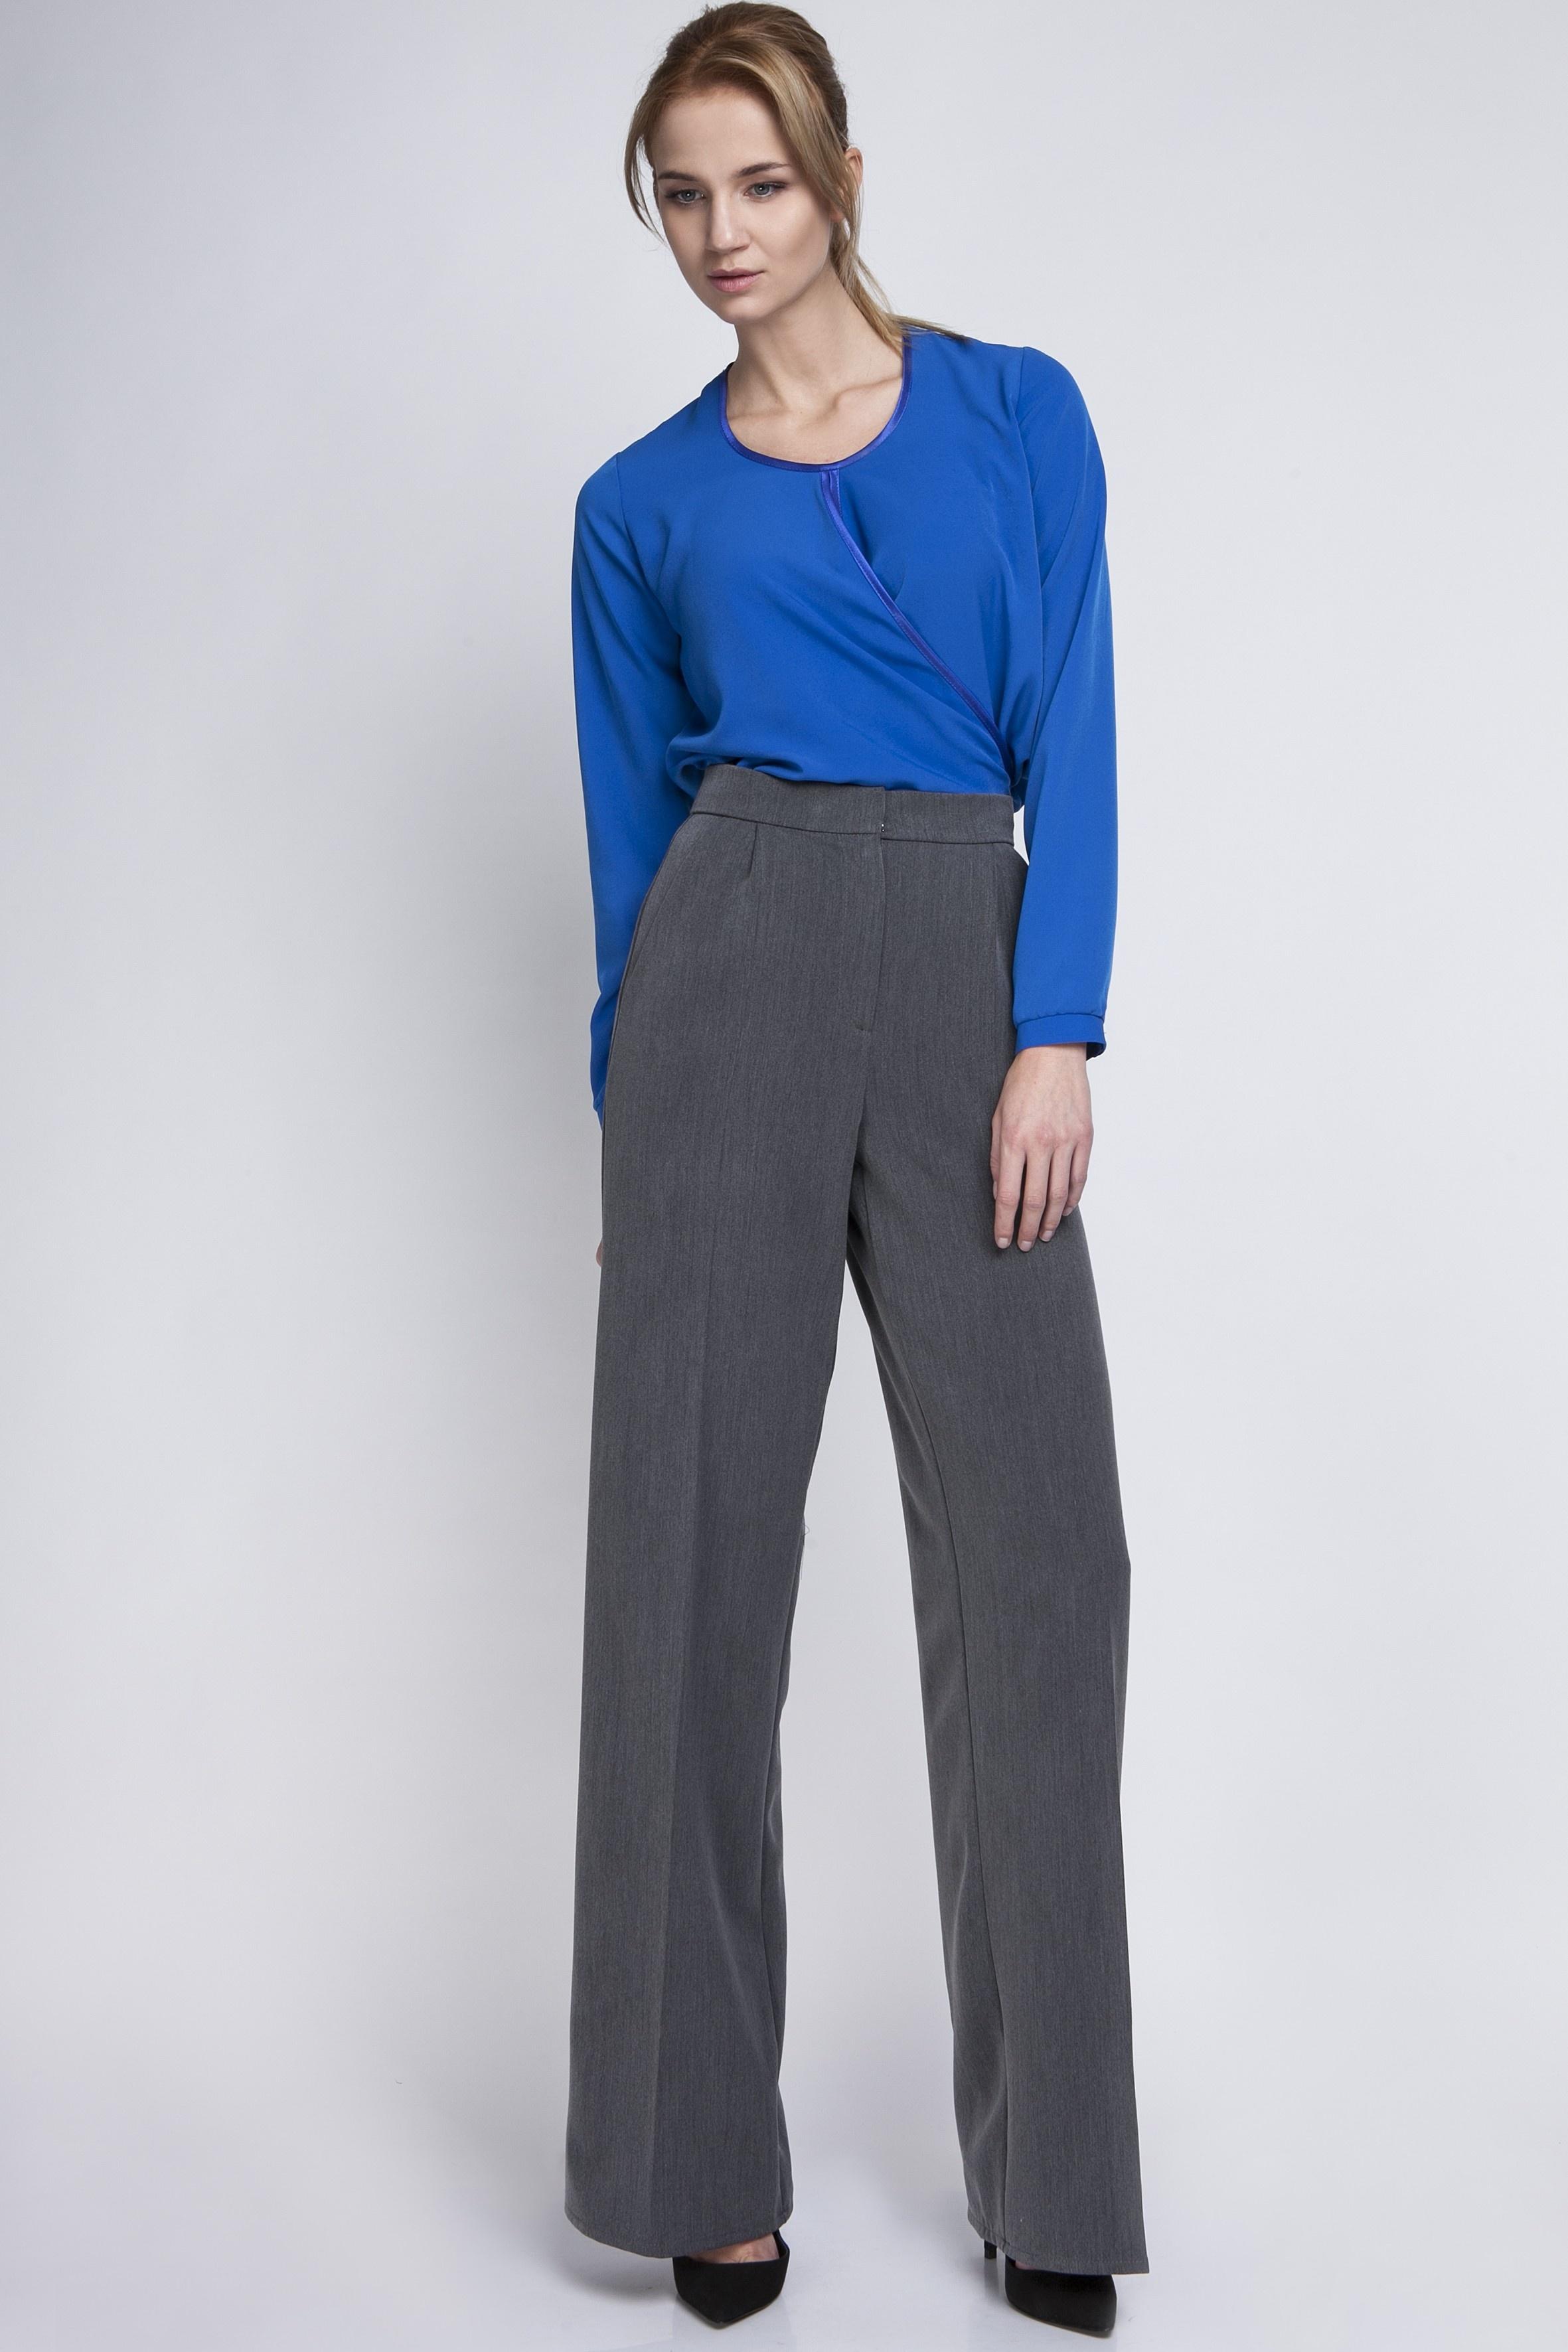 67dcb0a197663e Klasyczne spodnie z wysokim stanem, SD111 grafit. Spodnie, SD111 grafit.  Loading zoom